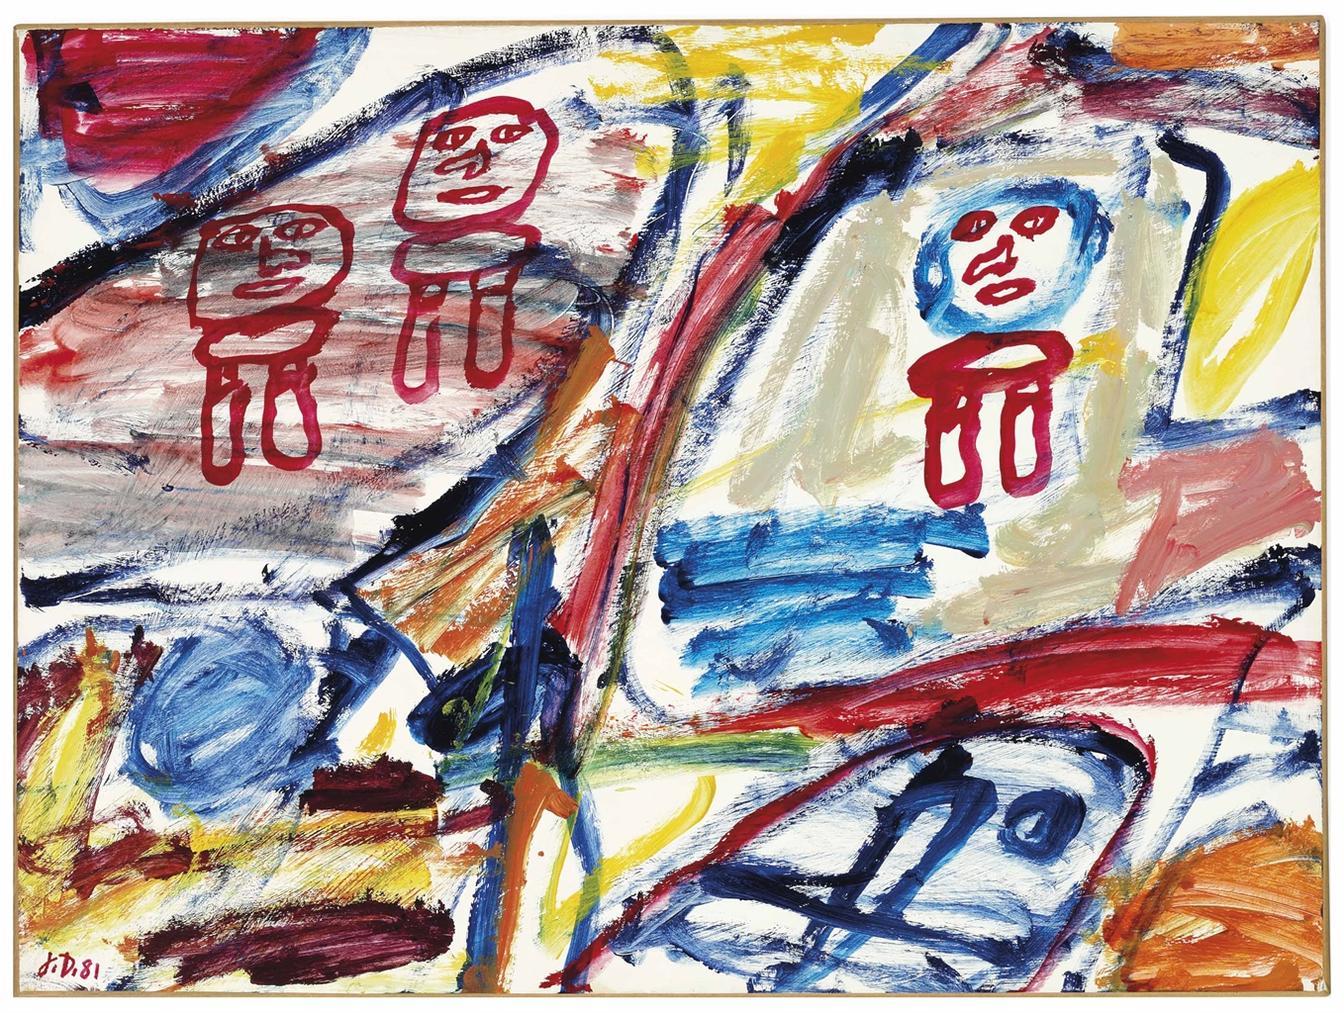 Jean Dubuffet-Site Avec 3 Personnages-1981